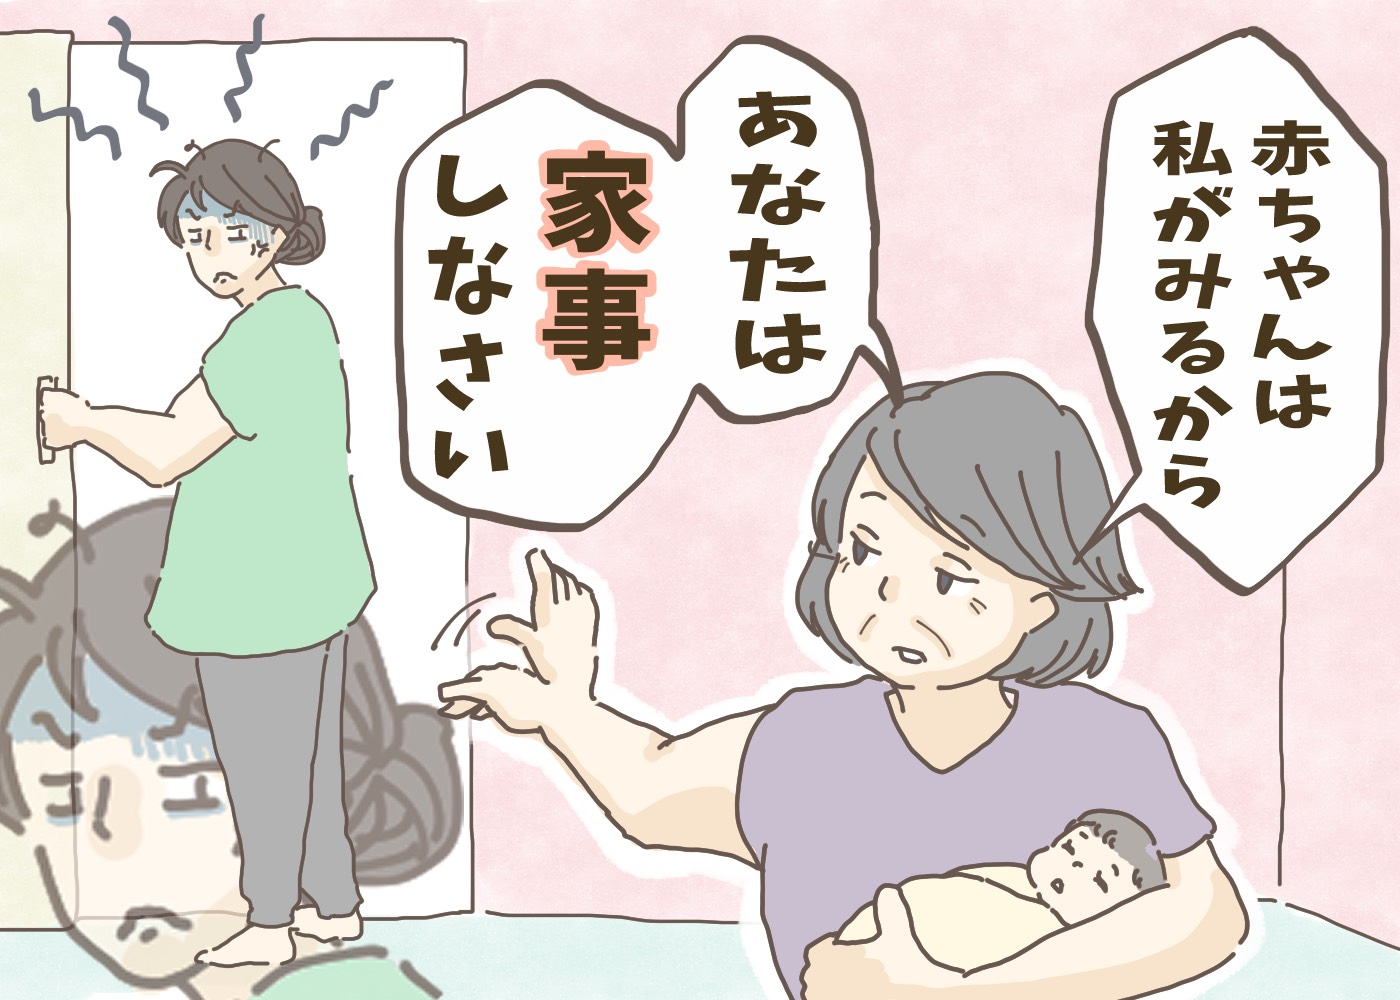 「赤ちゃんは私がみる、あなたは家事を」産前産後のママたちを追い込む、義父母のトンデモ言動【後編】